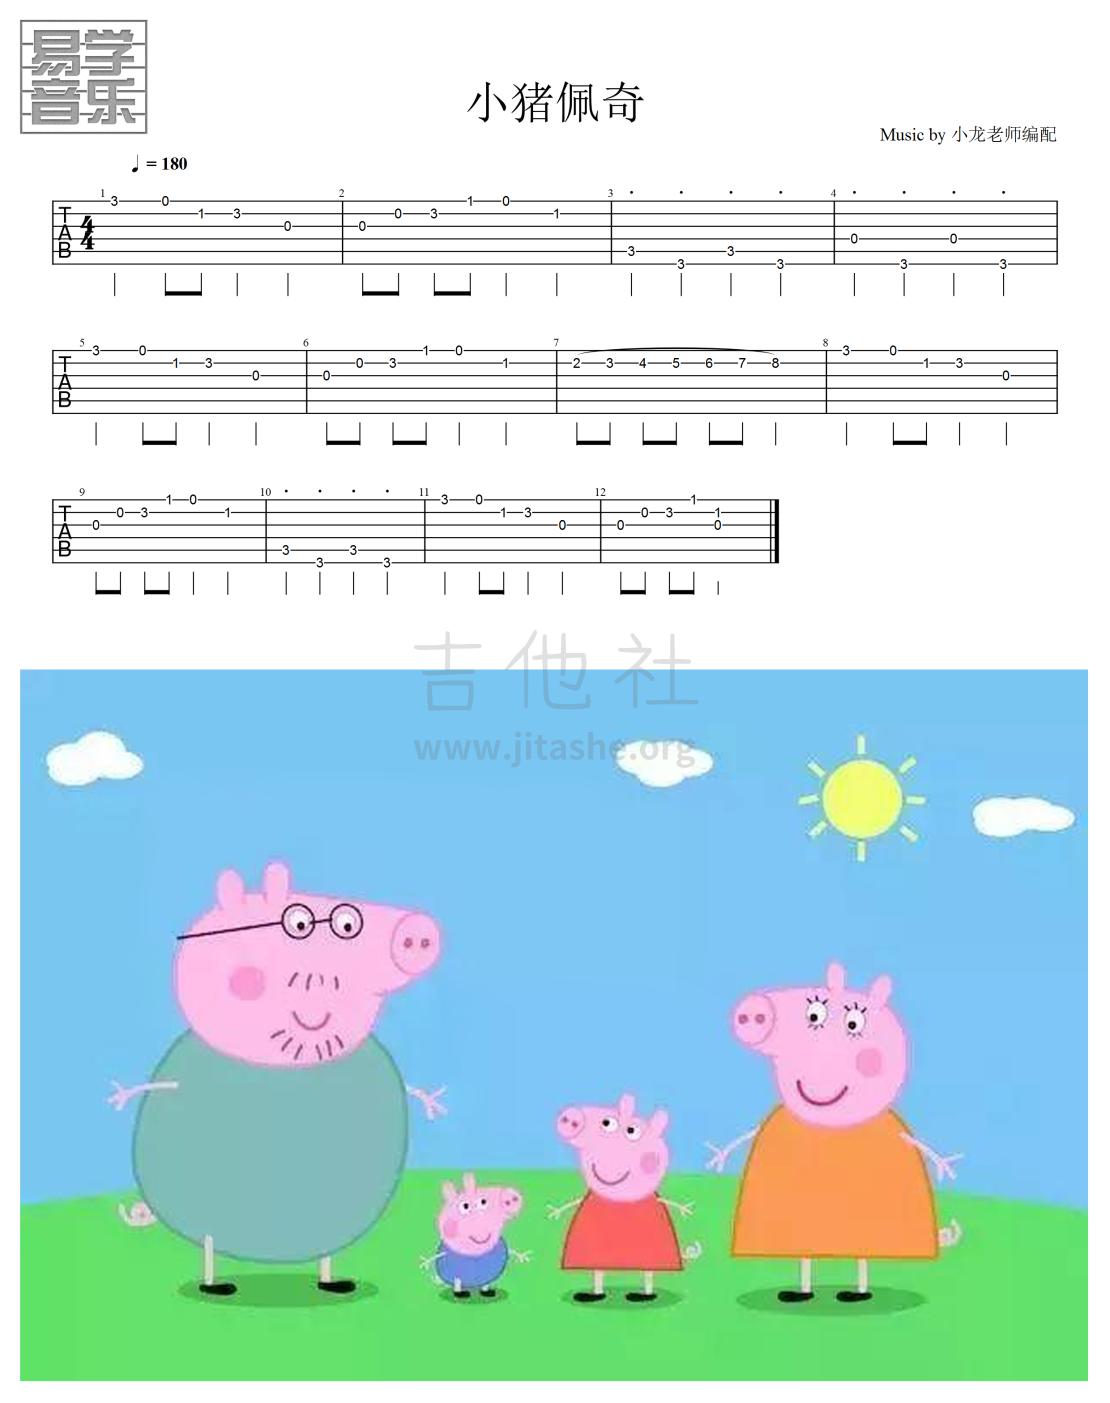 小猪佩奇吉他谱(图片谱,指弹,简单版)_动漫游戏(ACG)_小猪佩奇.png